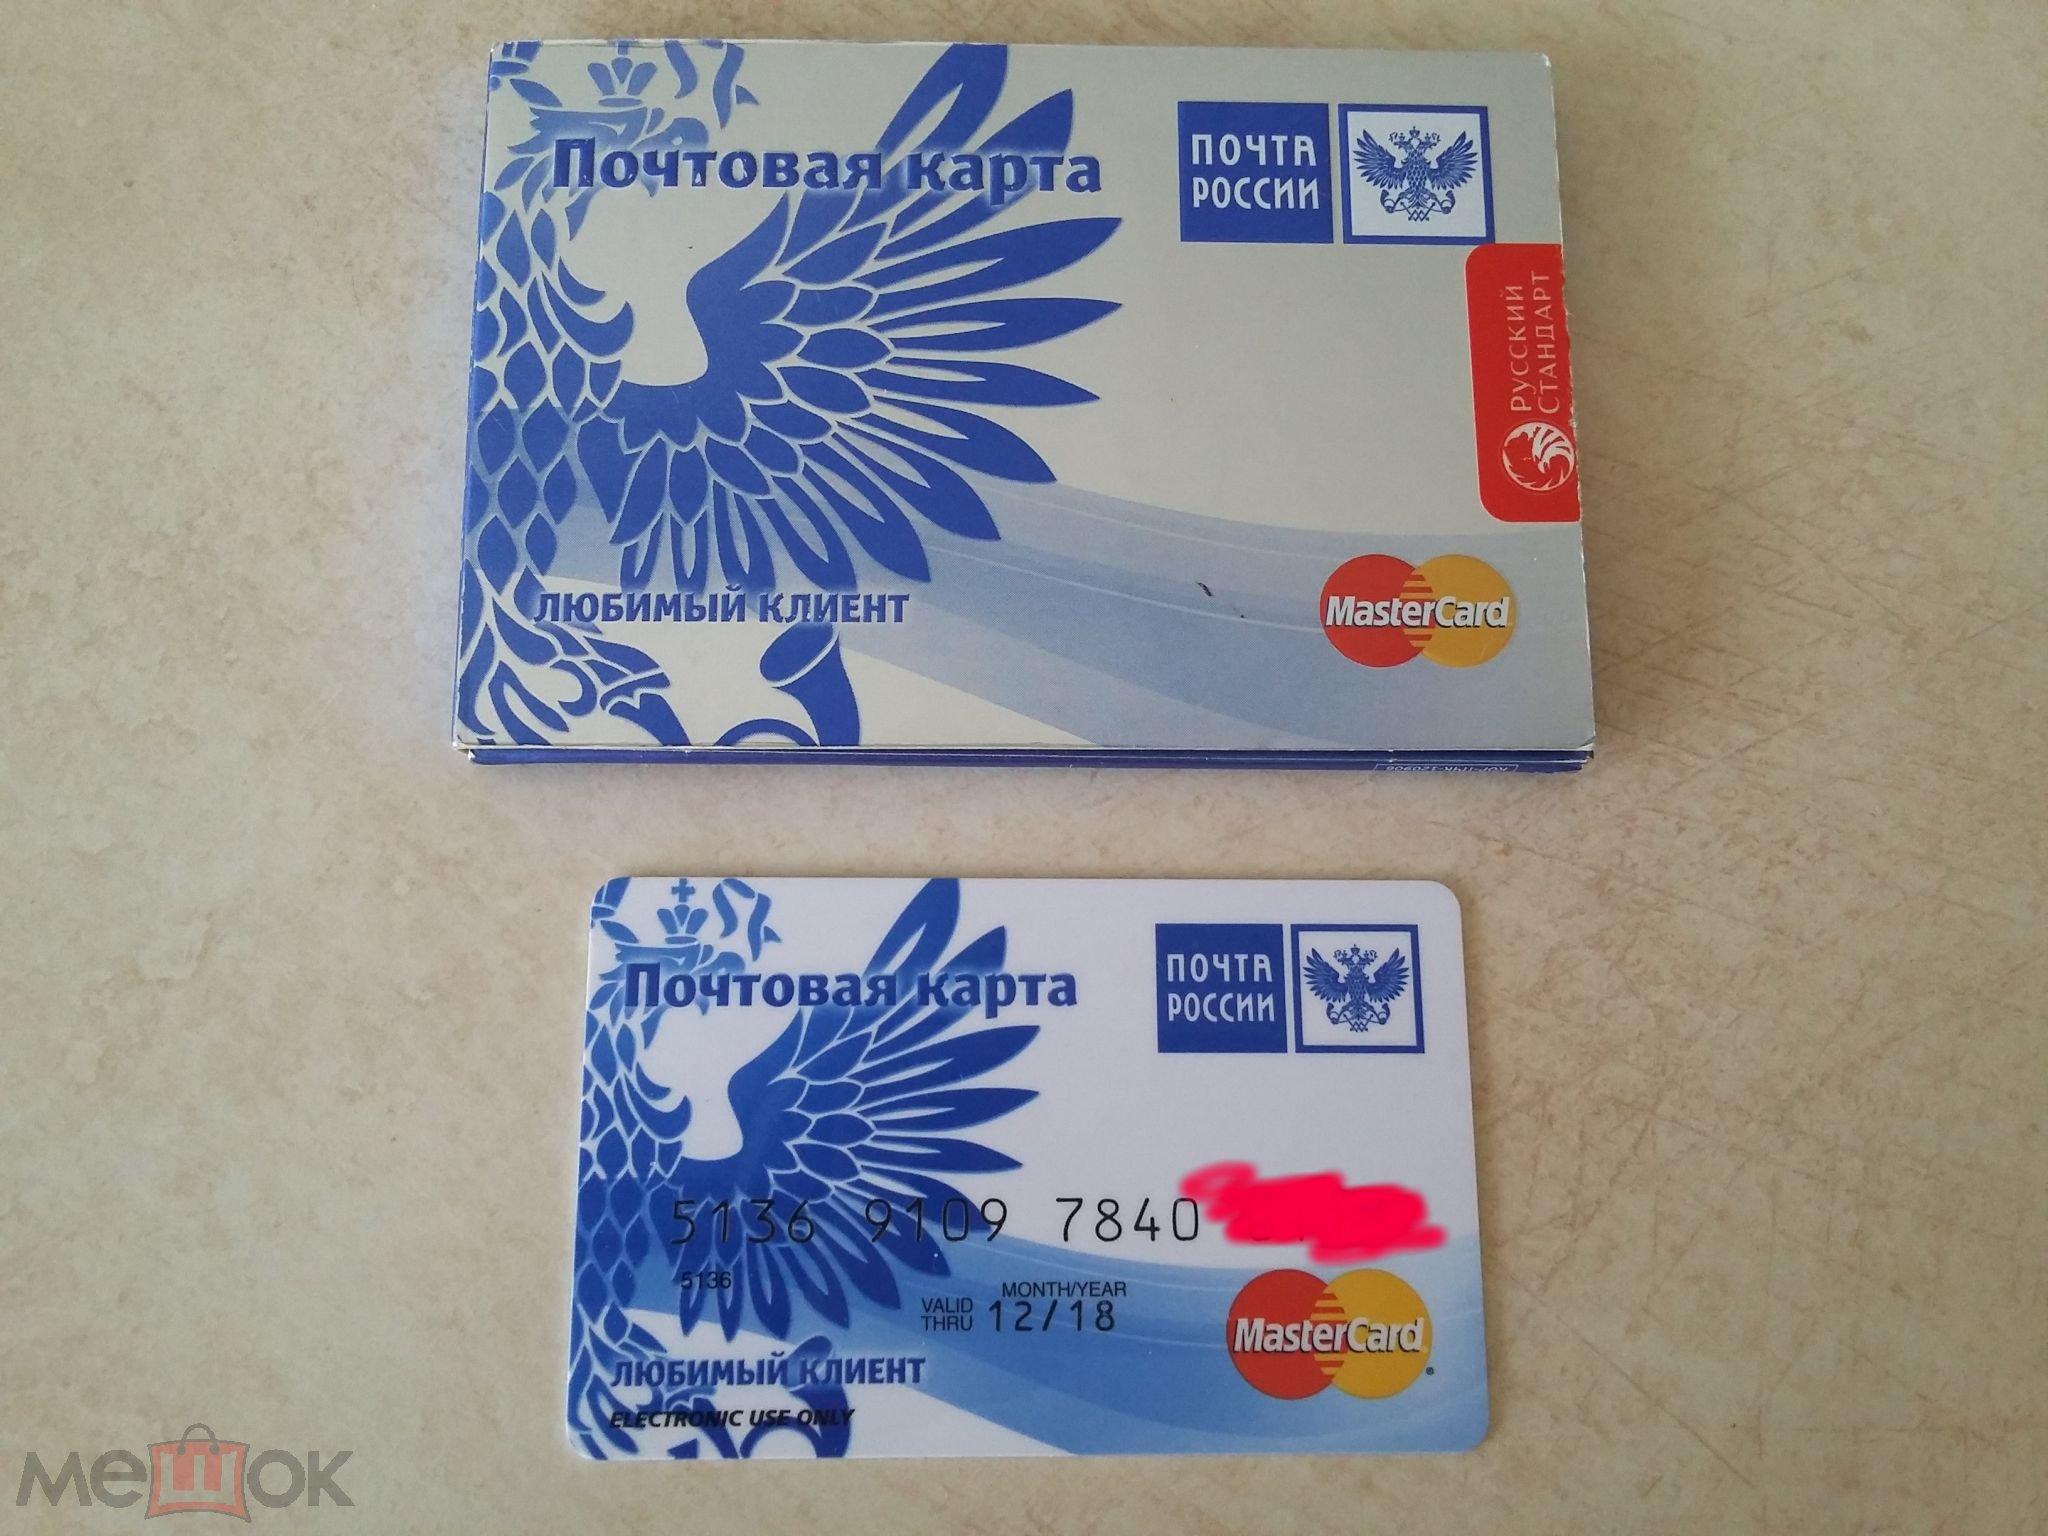 Почтовая банковская карта заказать заявка на кредит онлайн в кольцо урала